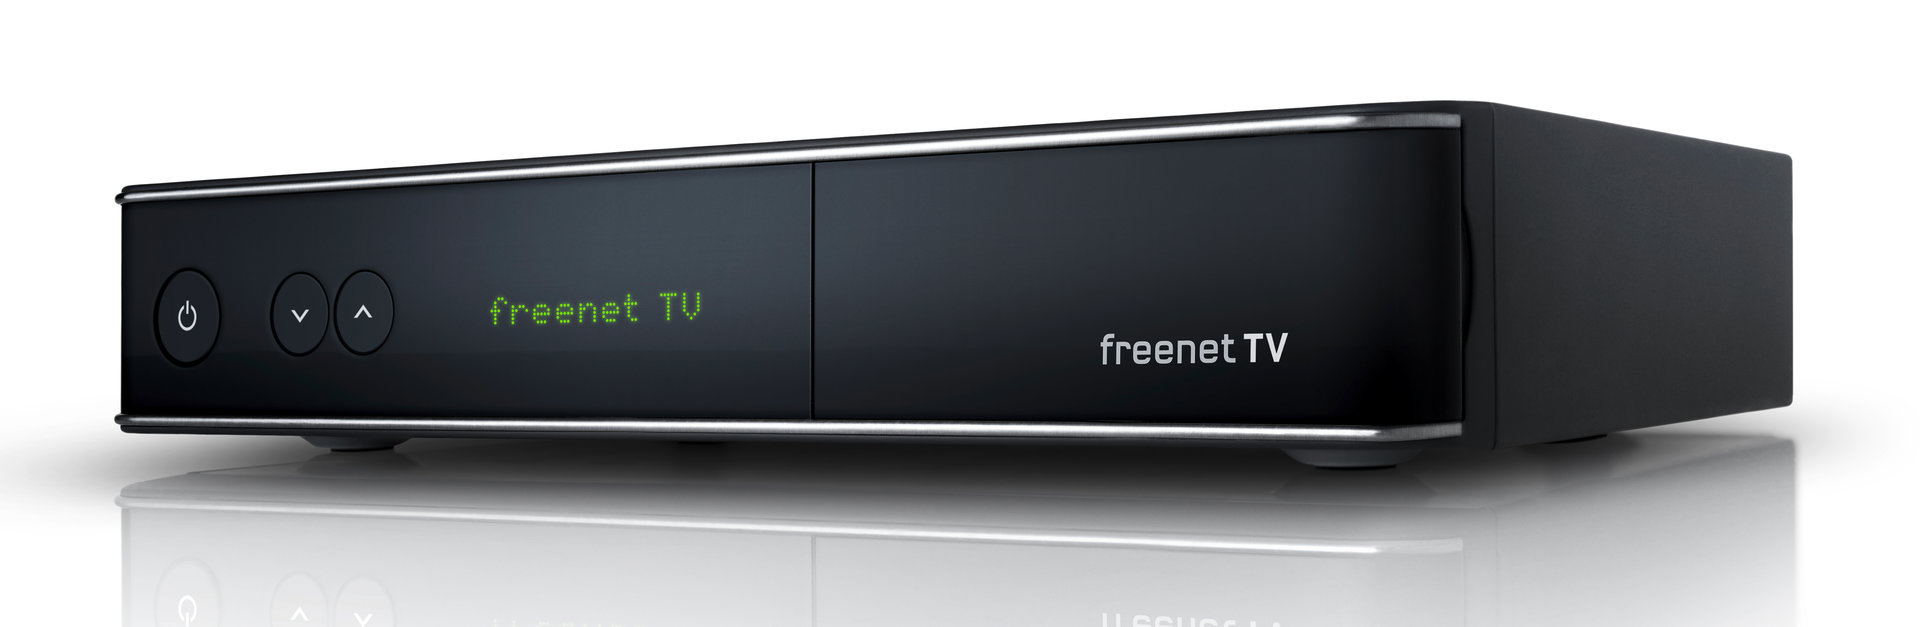 Receiver für freenet TV